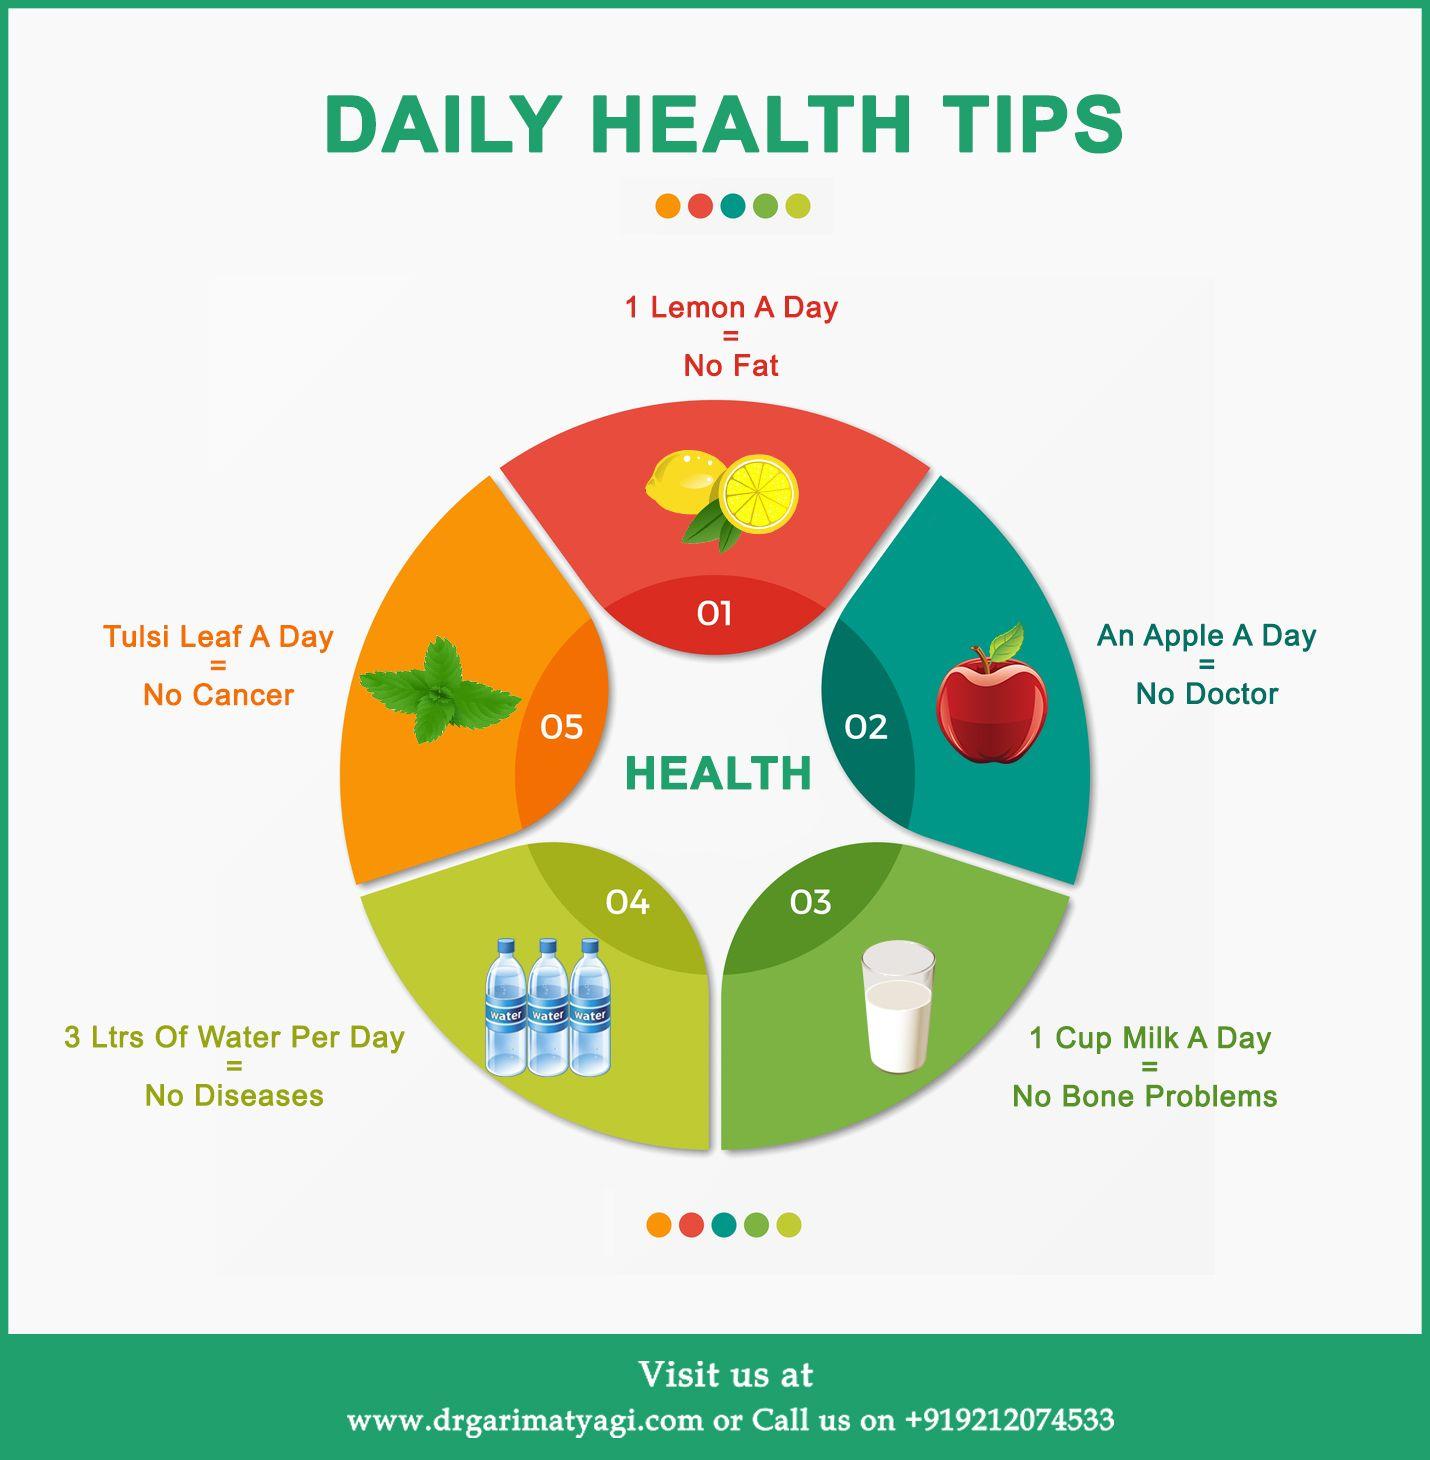 Daily health tips healthtips healthyfood gynae